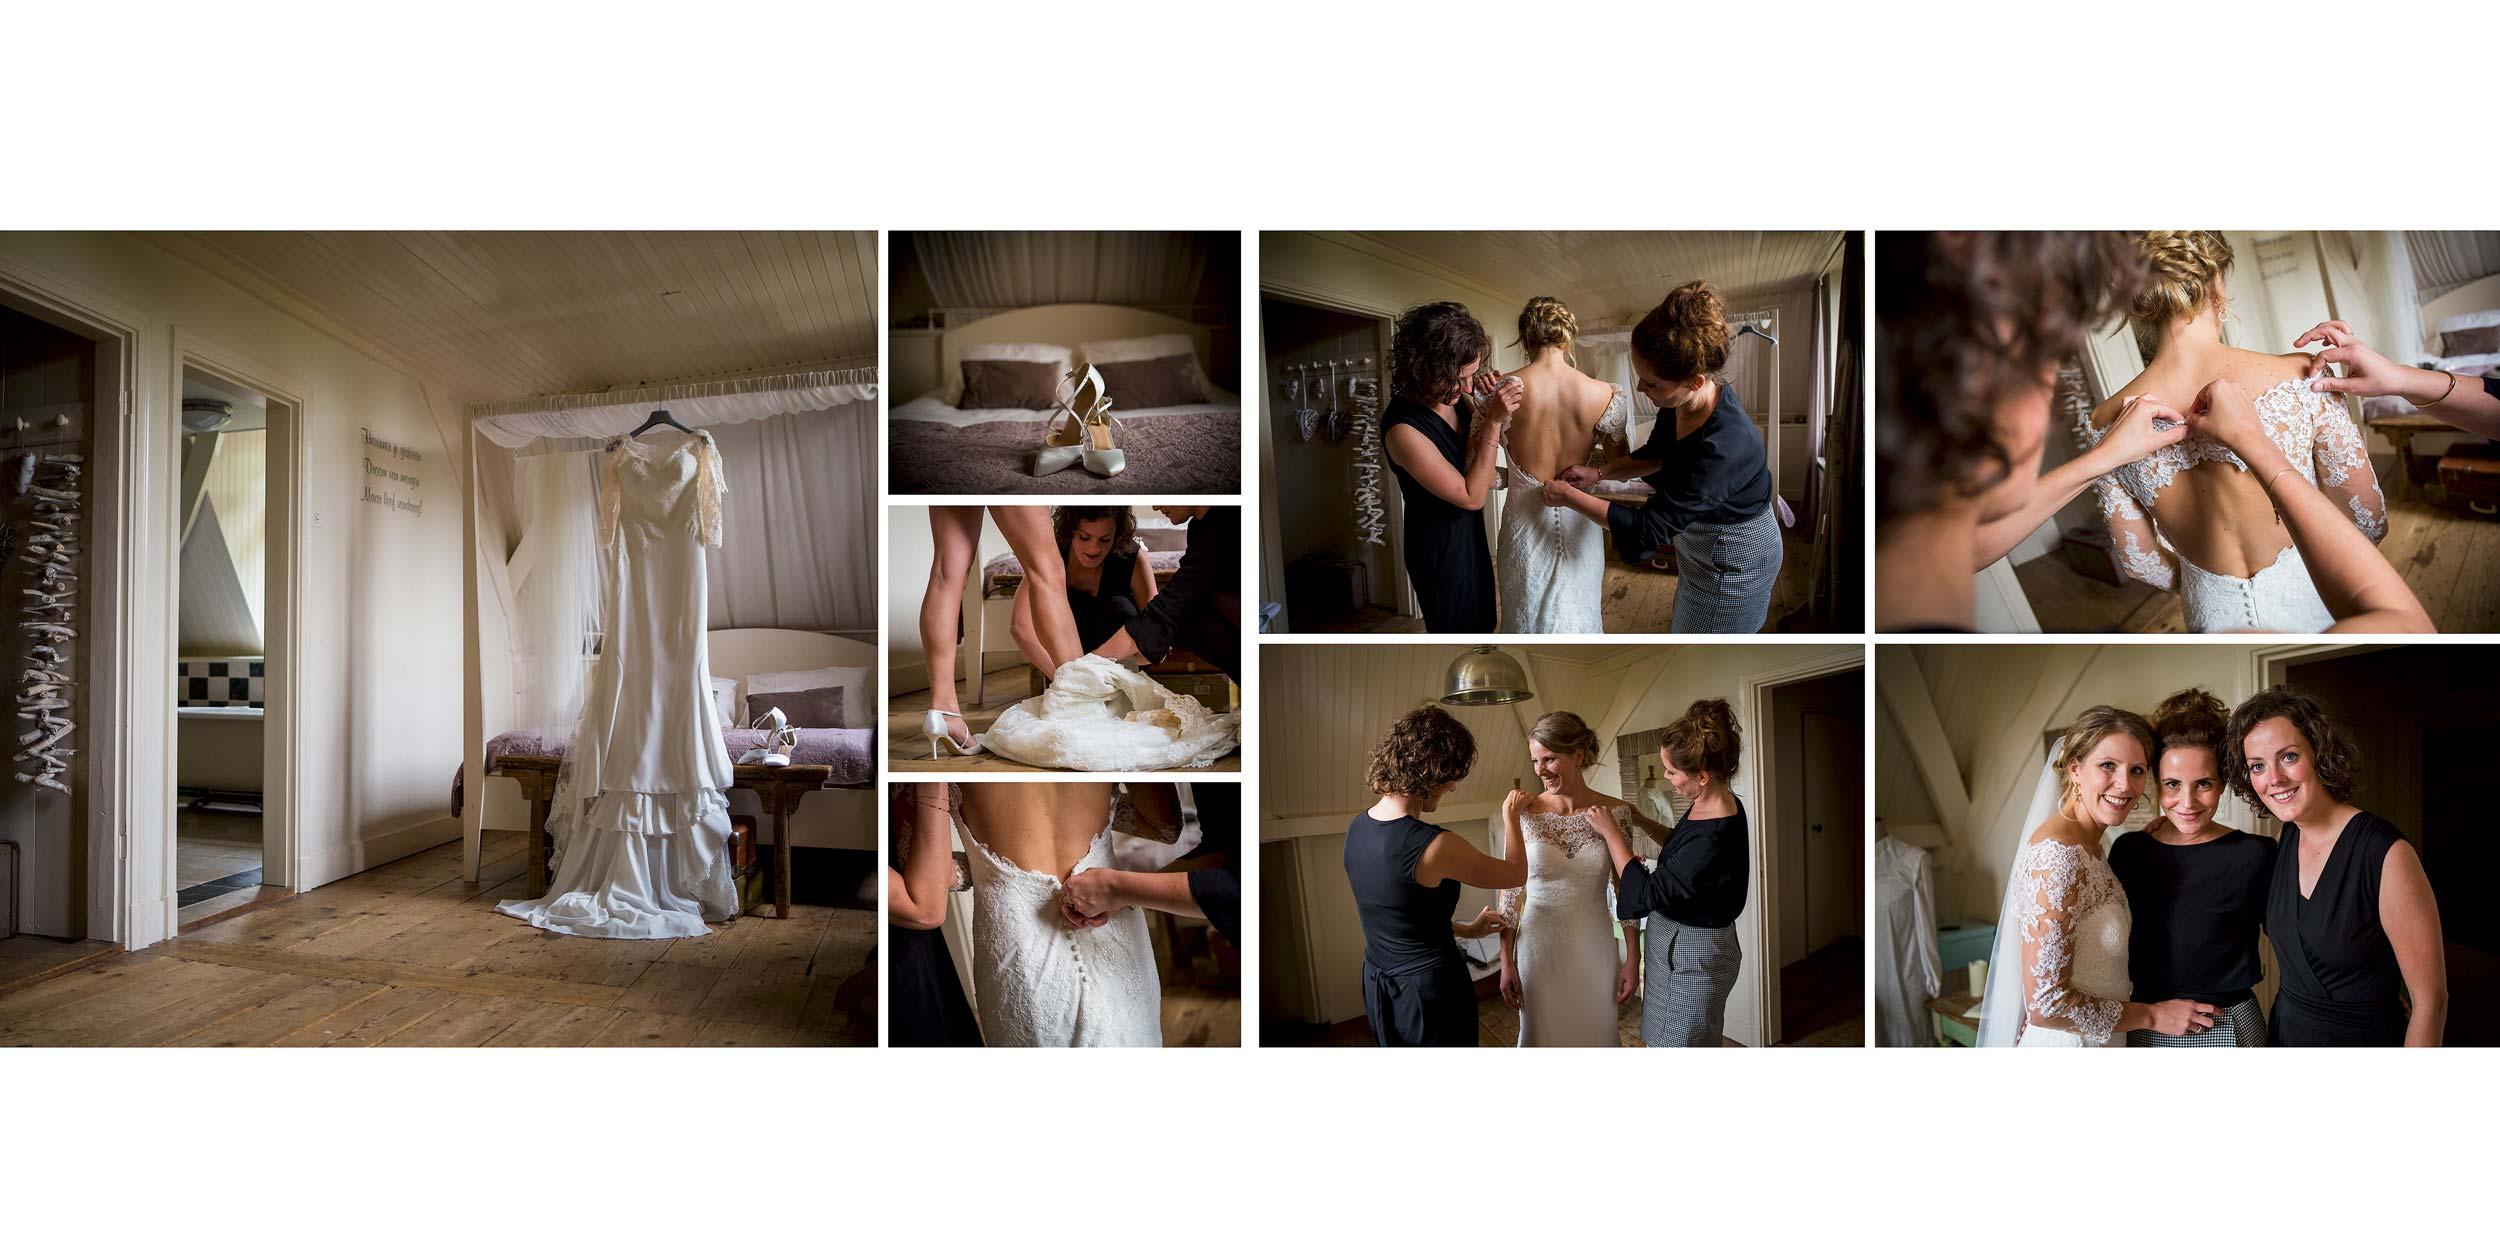 002_trouwen_voorbeeld_album_kasteel_wijenburg_bruiloft_trouwlocatie_trouwinspiratie